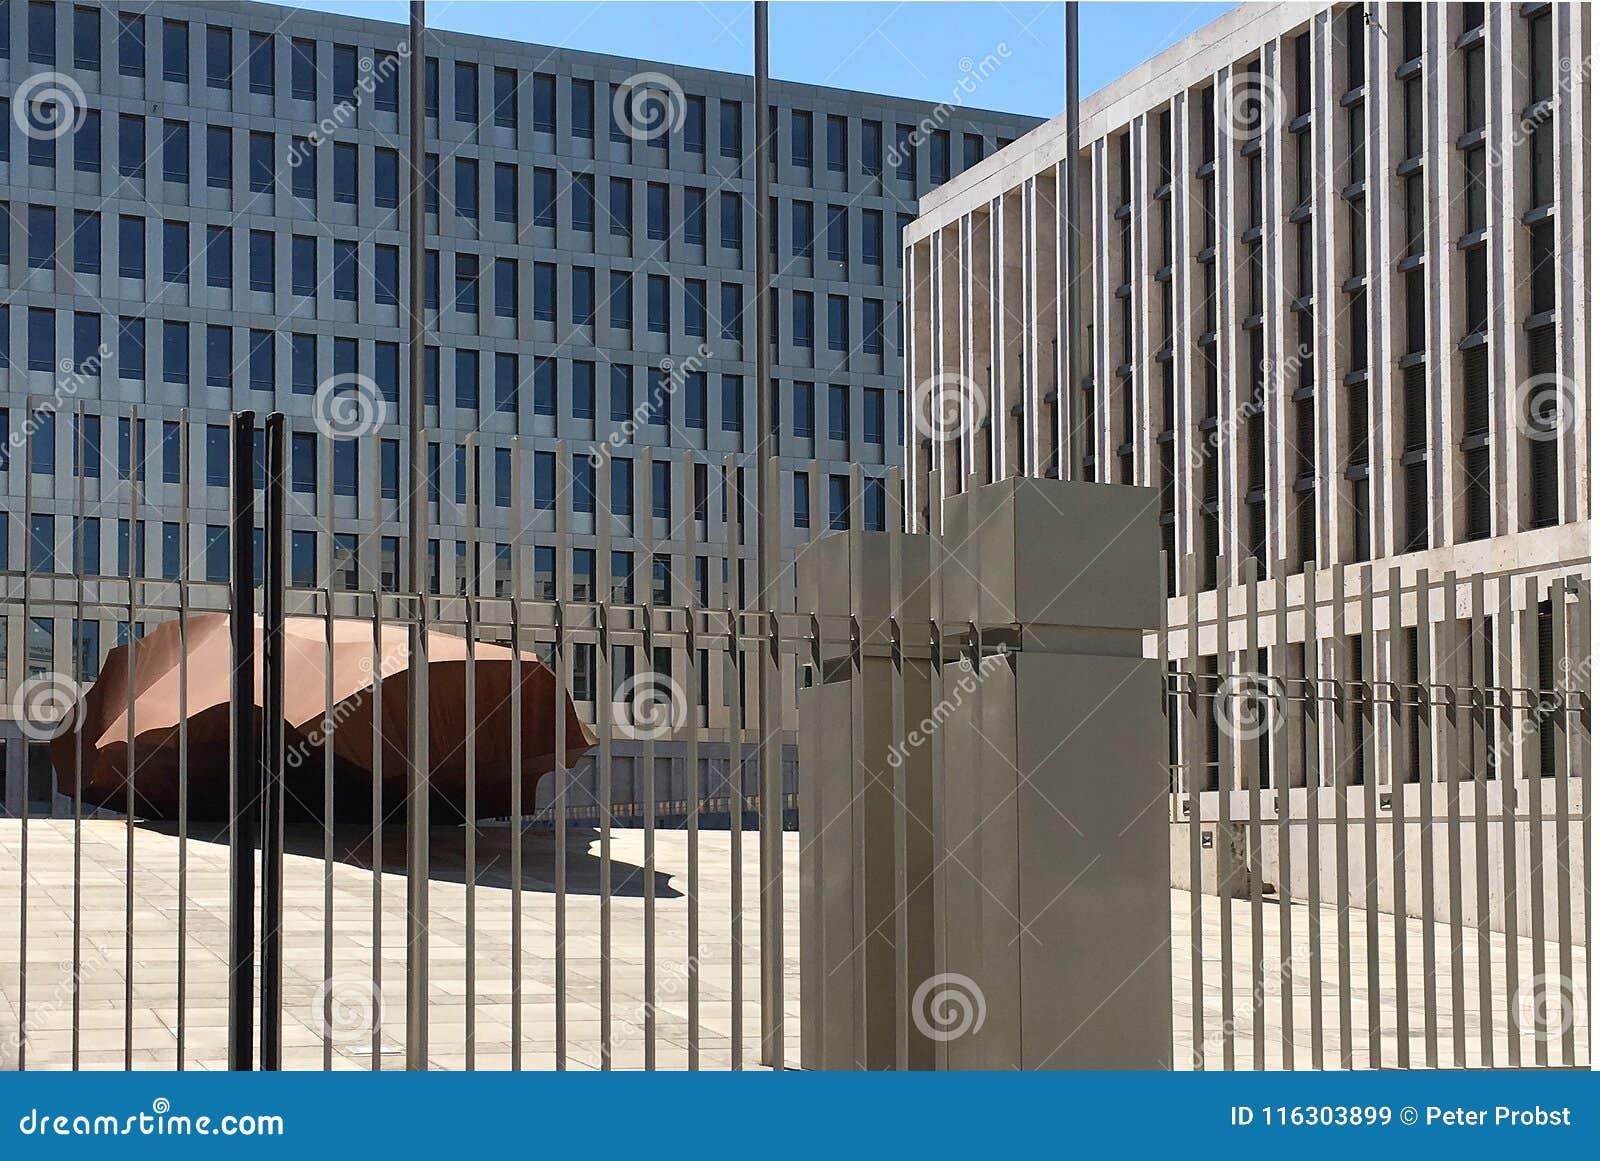 Jefaturas del BND en Berlín - Alemania